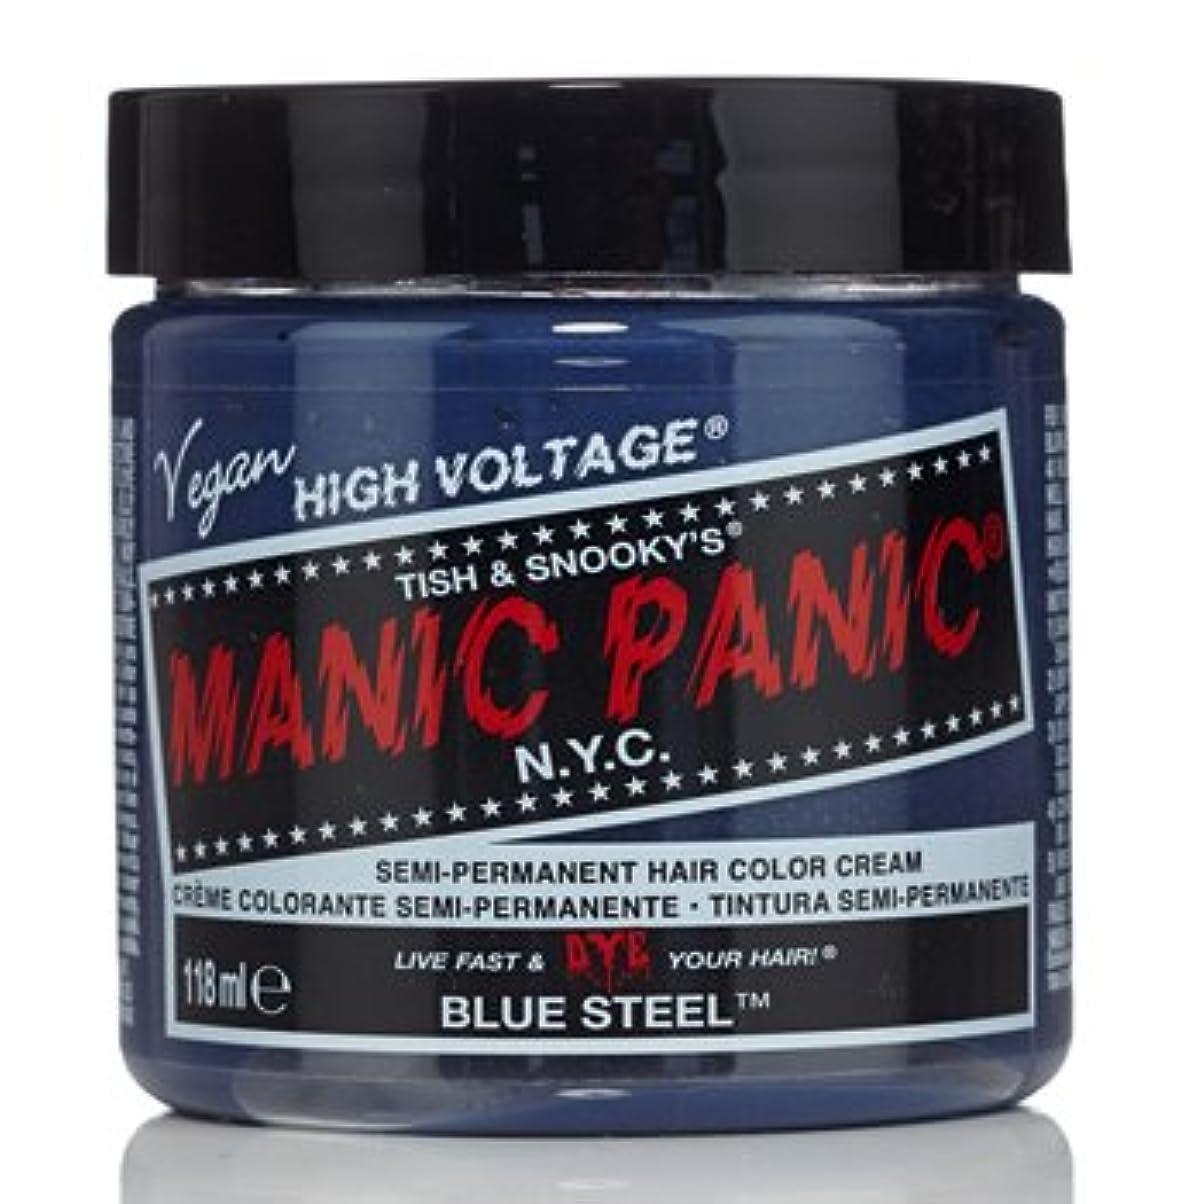 ベーカリー影響ハンサム【3個セット】MANIC PANIC マニックパニック ブルースティール MC11052 118ml